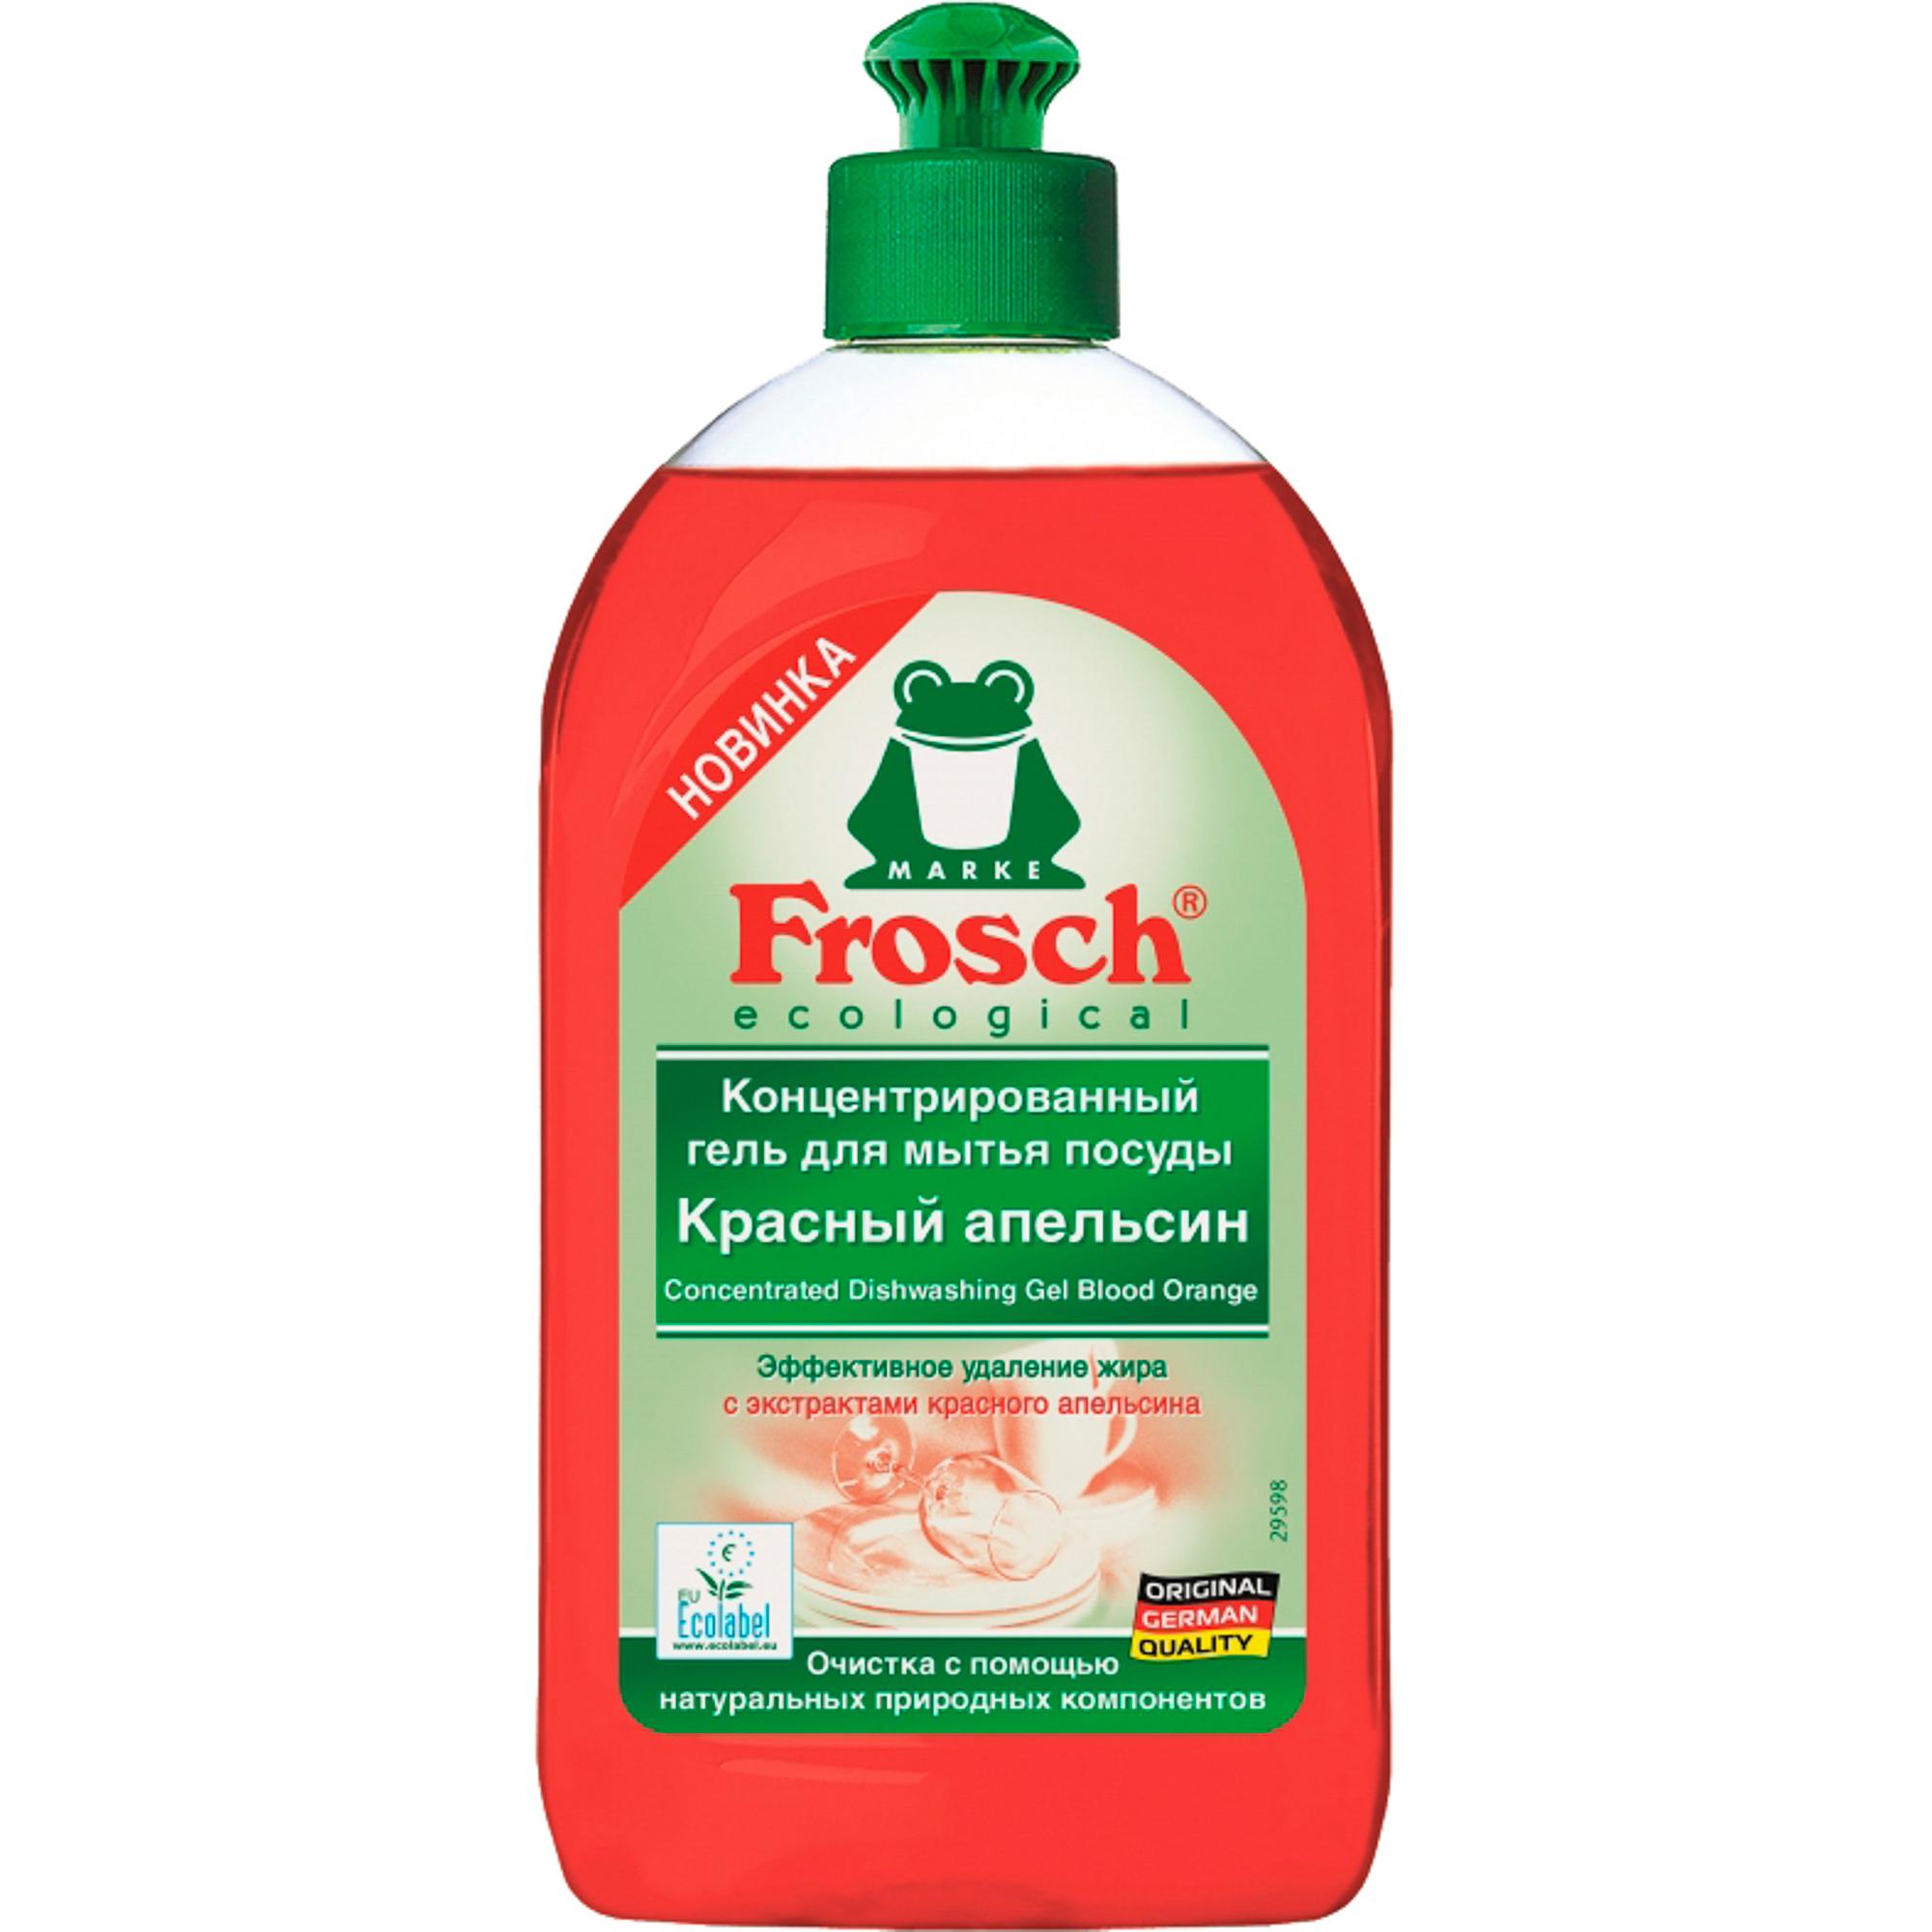 Гель для мытья посуды Frosch Красный апельсин 0,5 л